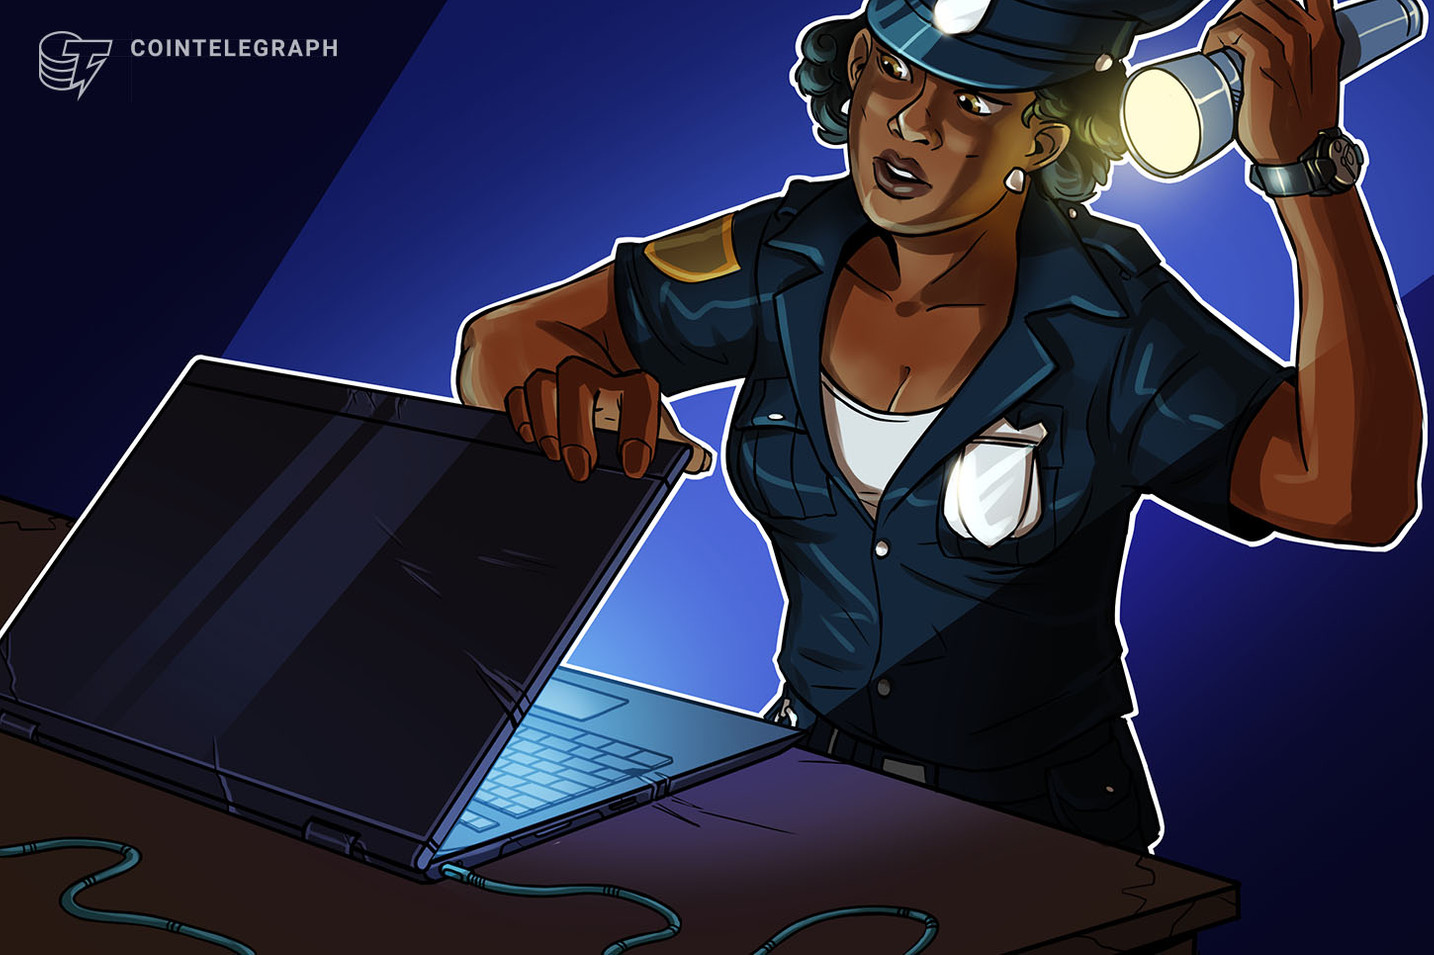 Poliziotto britannico: le forze dell'ordine devono comprendere Bitcoin